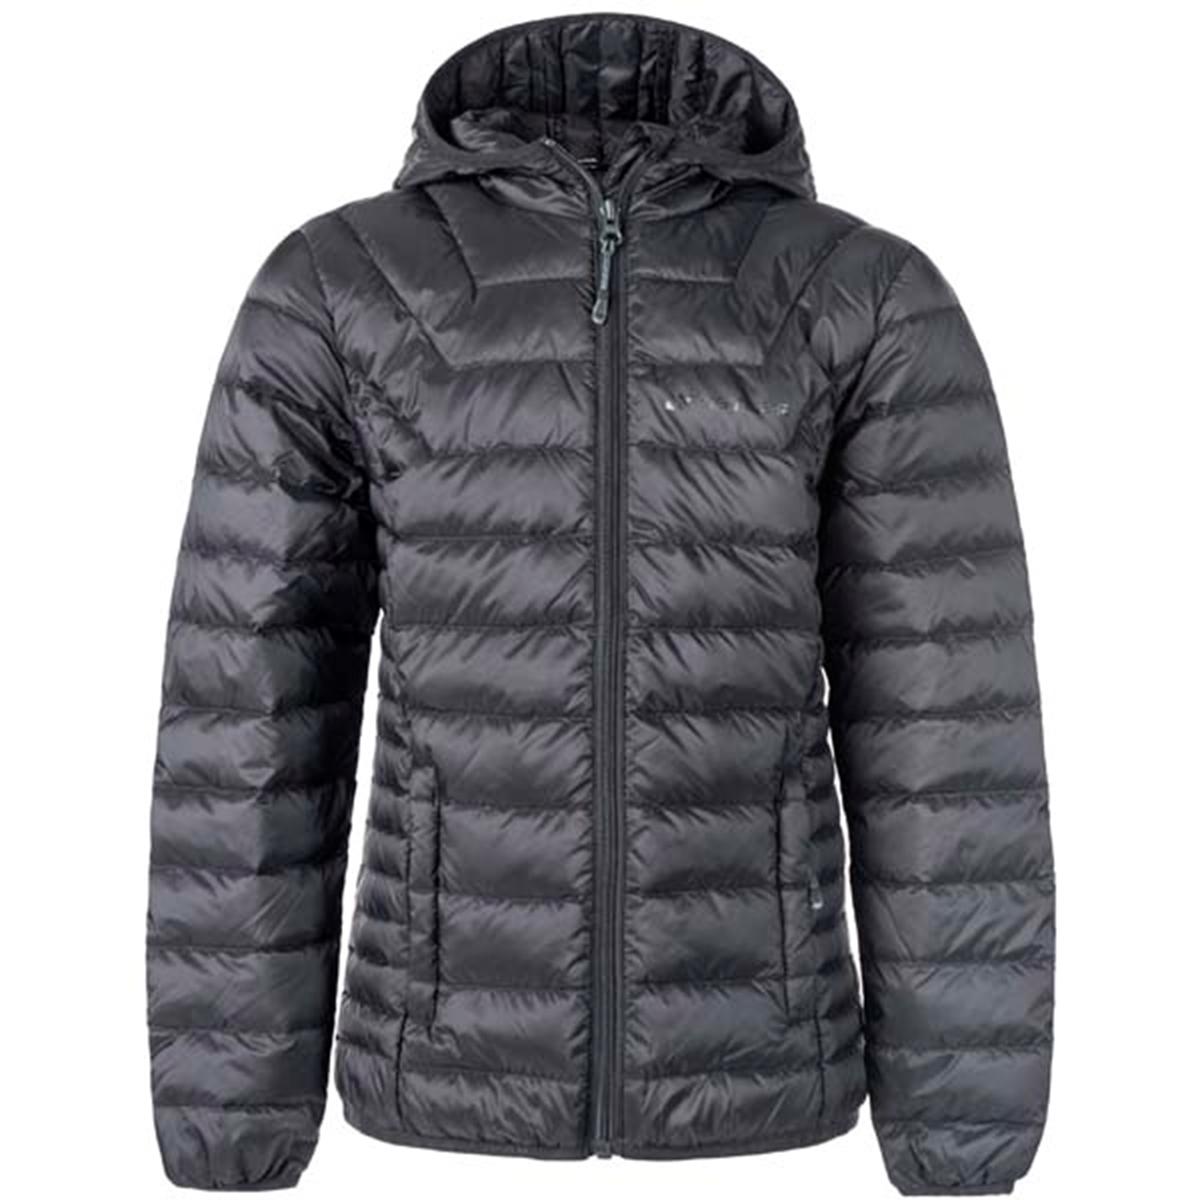 dec96251 Whistler Saka Jr Down Jacket Black- Nava Sport - Vi selger klær og ...